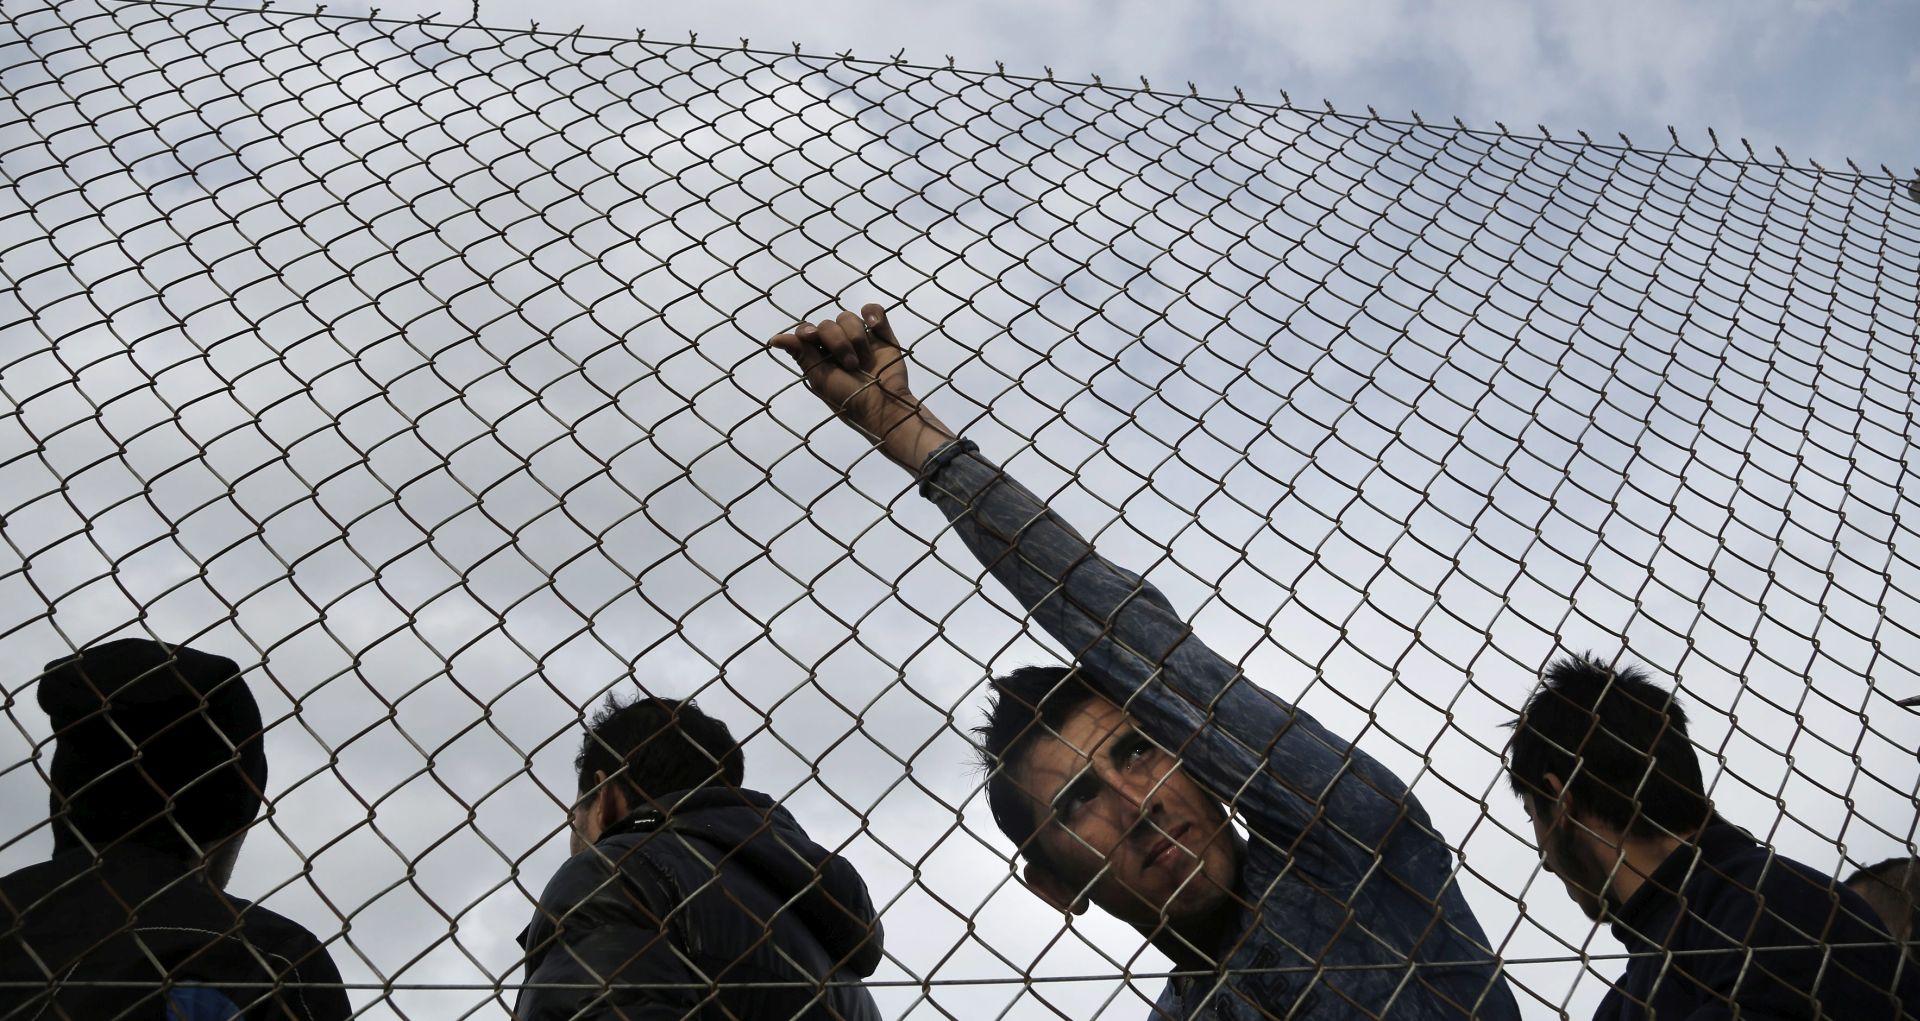 UPRAVLJANJE IZBJEGLIČKOM KRIZOM: Njemački političari kritiziraju Grčku